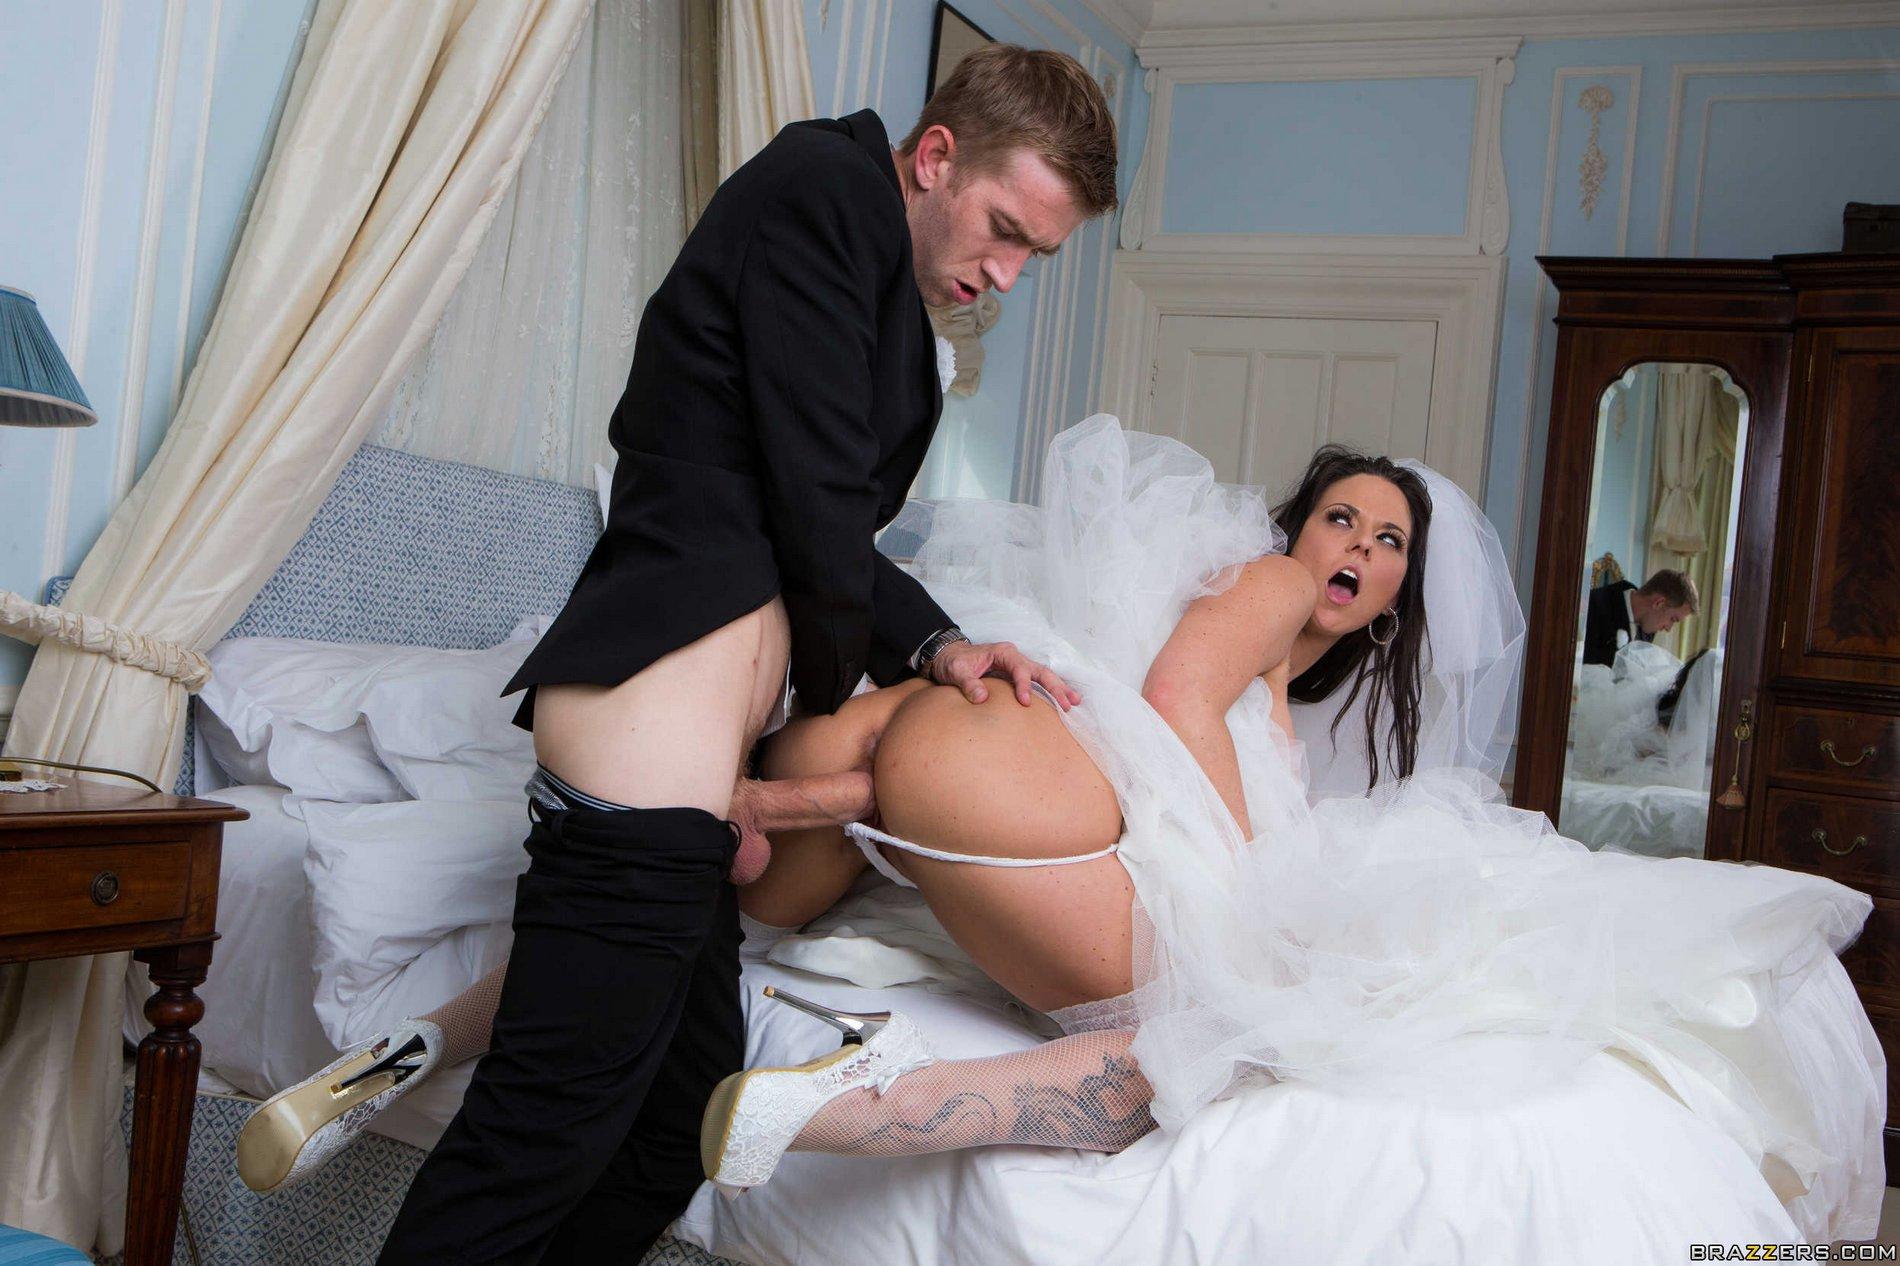 Смотреть порно групповуха про невесту, Невеста. Секс с невестами 28 фотография